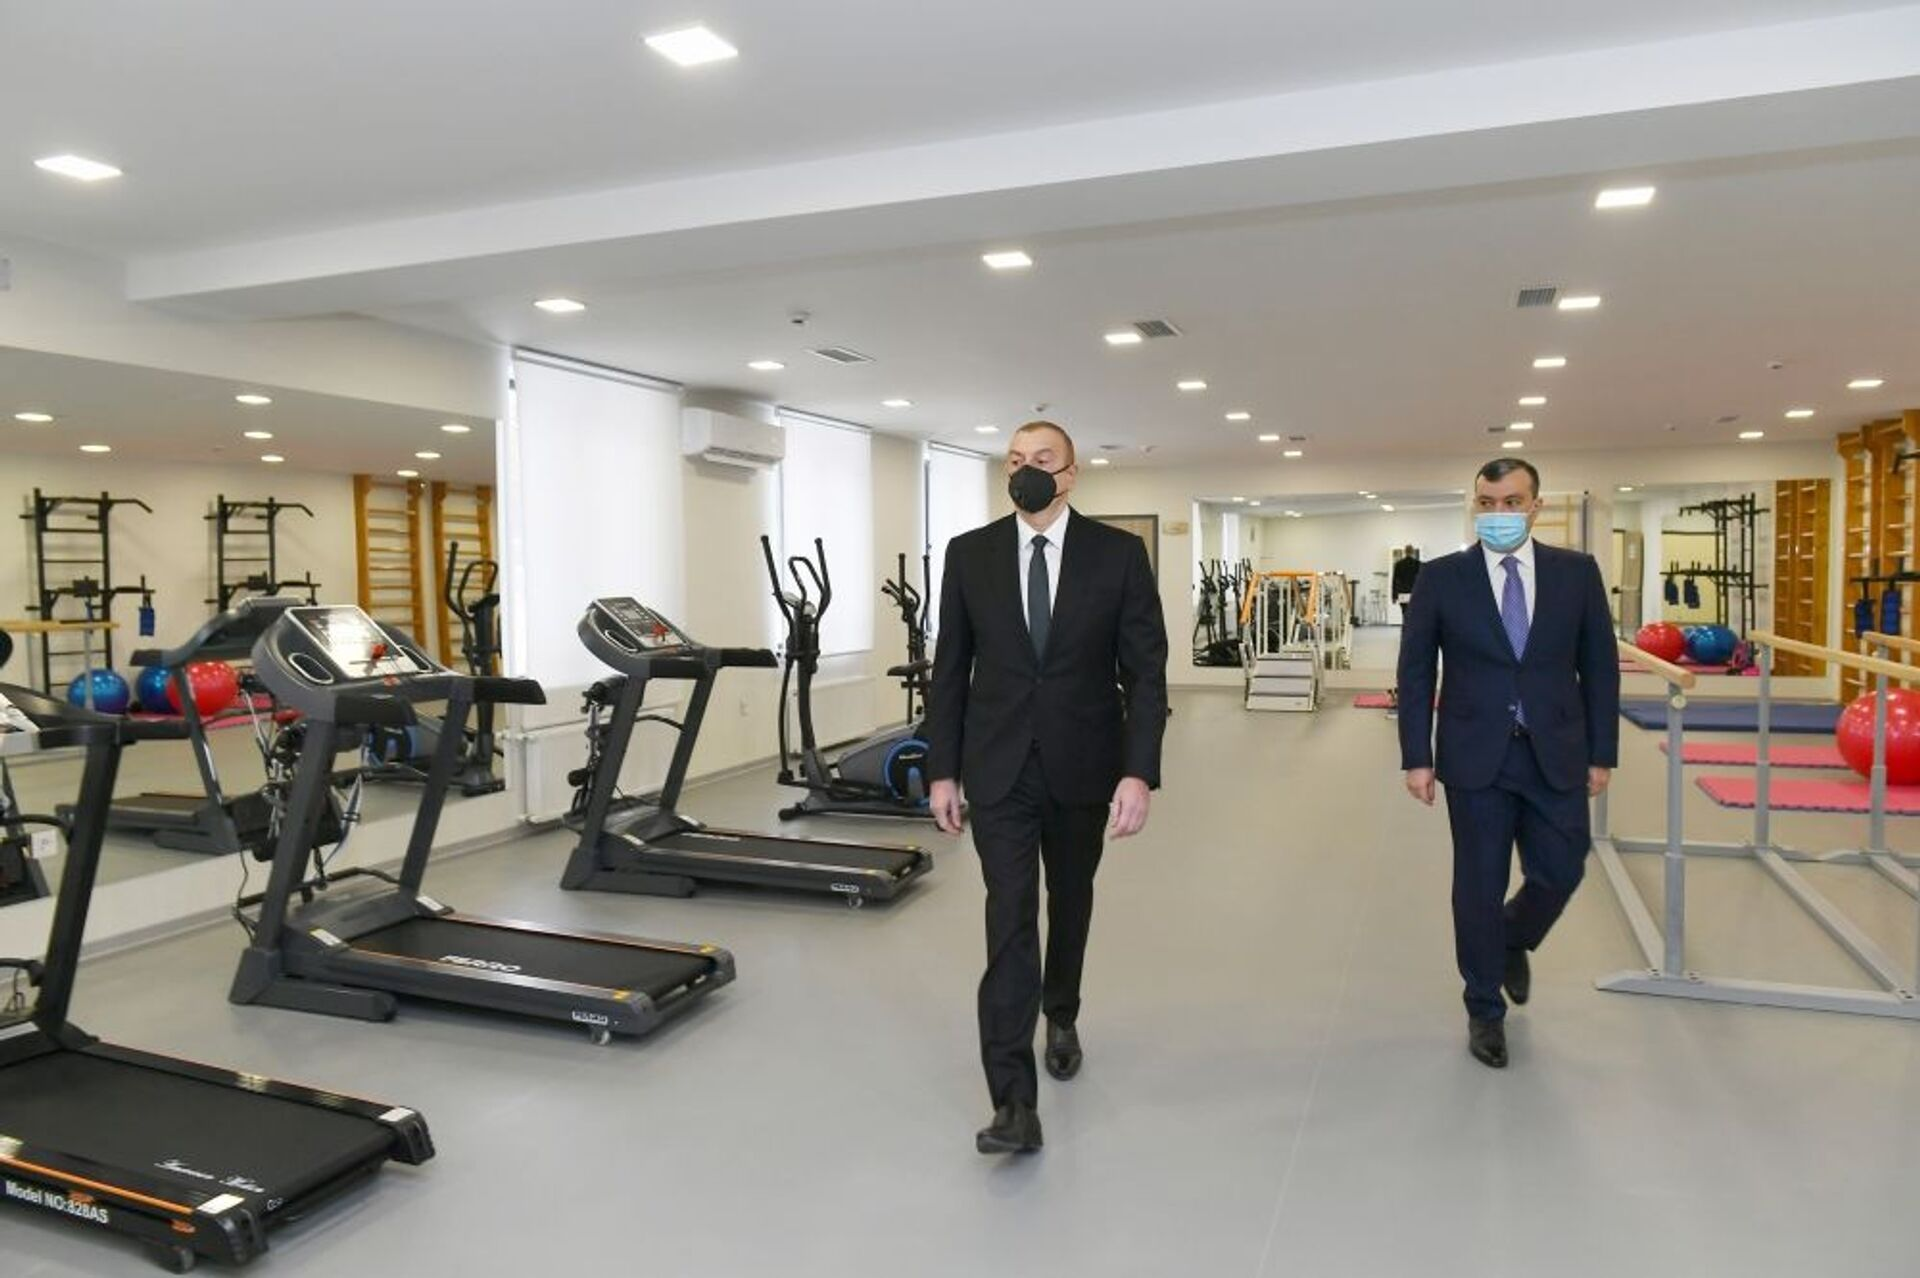 Президент Алиев посетил обновленный Шаганский реабилитационный пансионат – фото - Sputnik Азербайджан, 1920, 25.02.2021